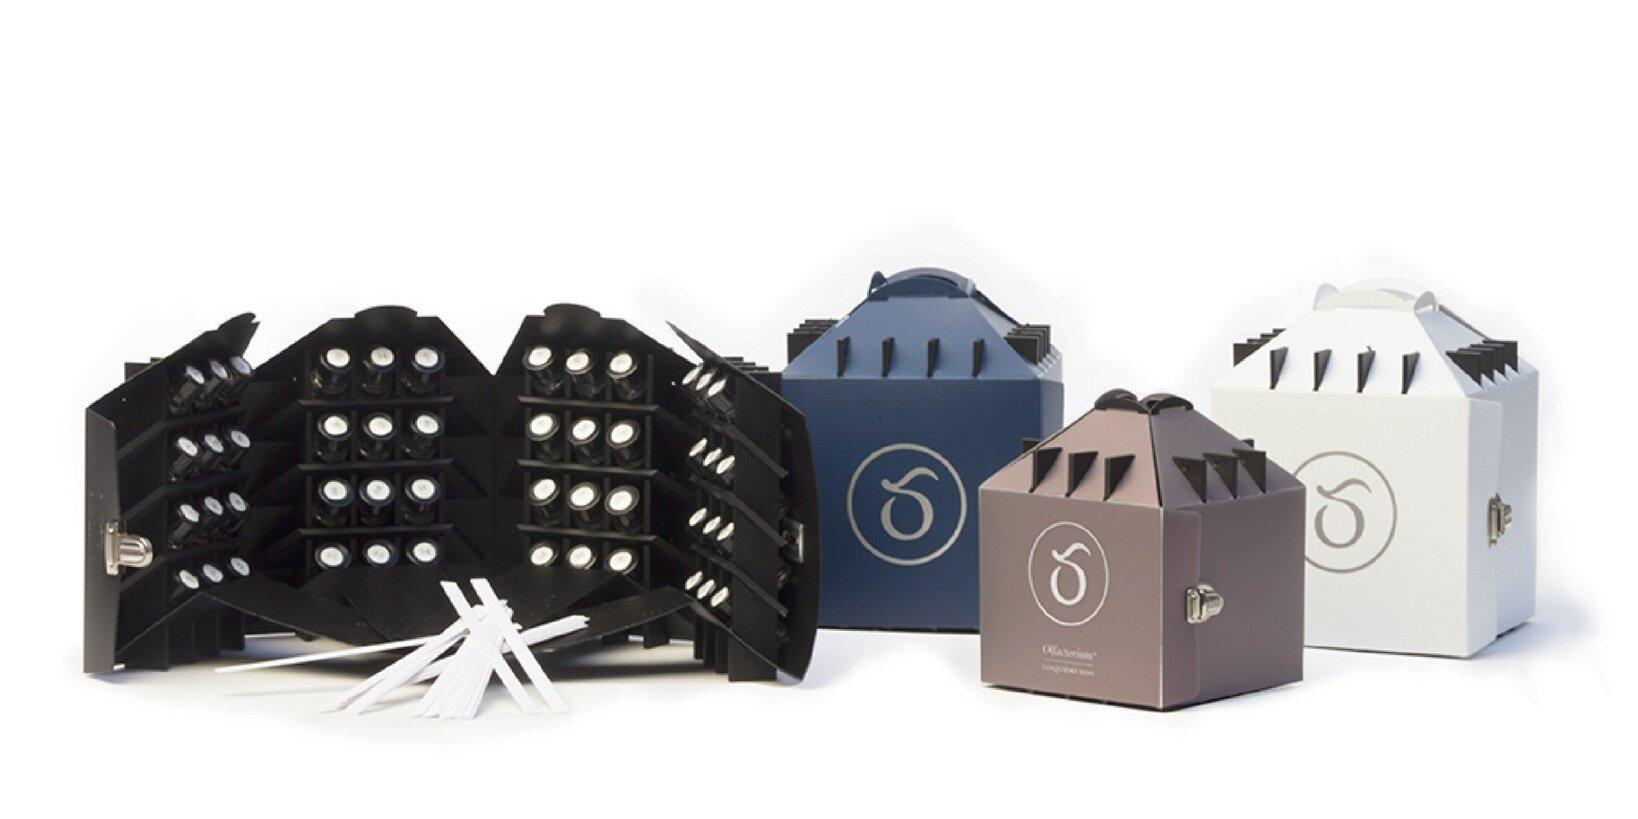 パリのサンキエムソンスでも使用されている48種類の香料がセットされた「Olfactorium(オルファクトリアム)™」。パフューマリーベーシックA、Bでは、併せて2つのオルファクトリアム™を使用します。